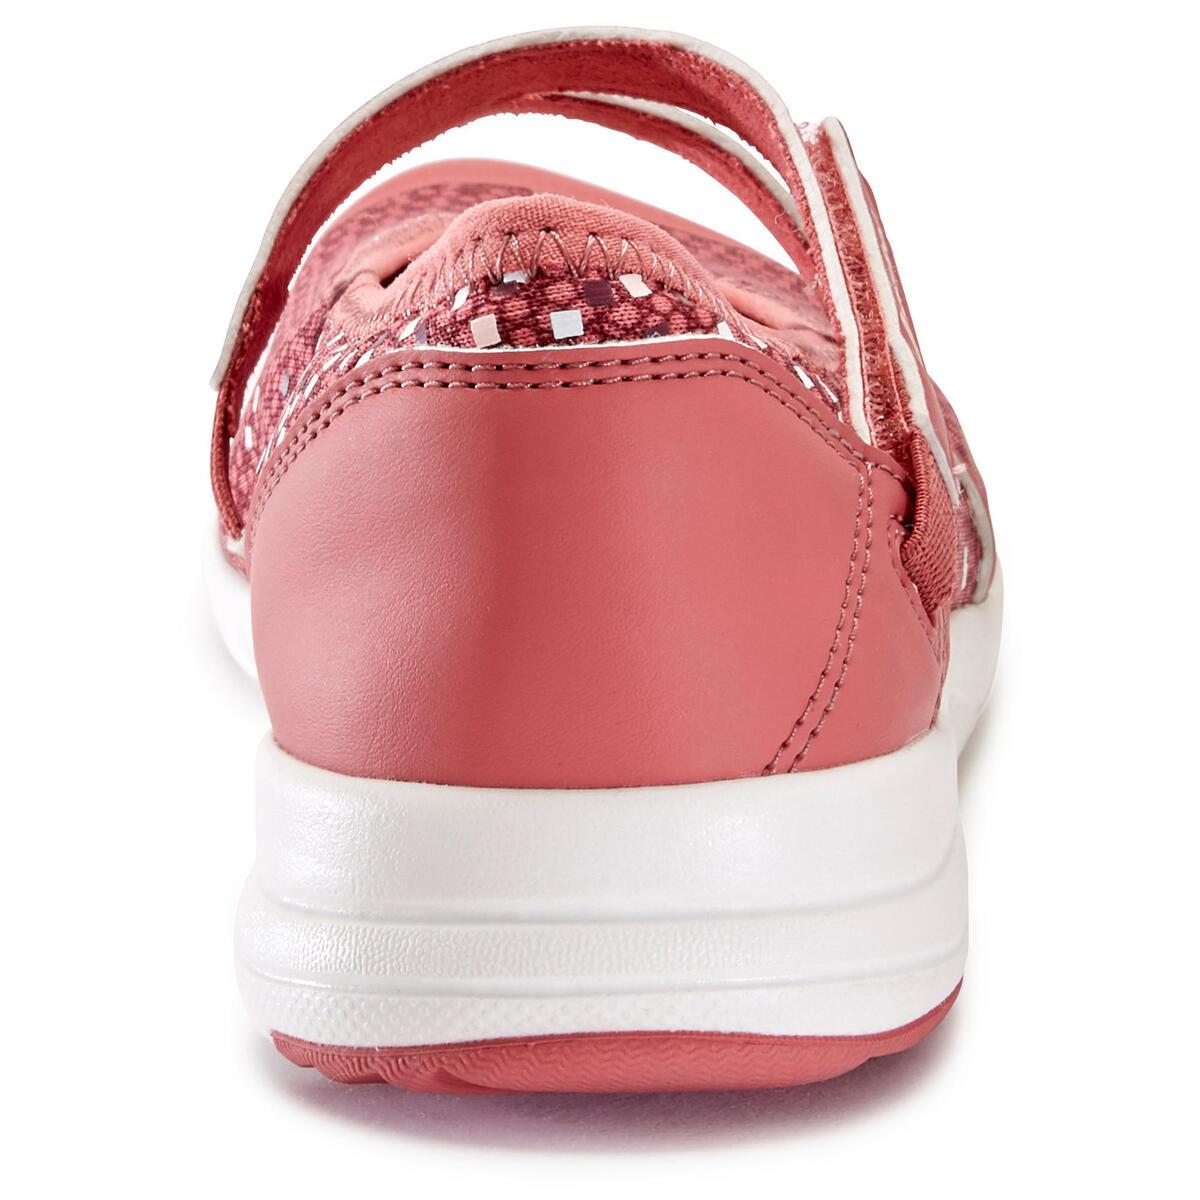 Bild 4 von Freizeitschuhe Ballerinas PW 160 Br'easy Damen rosa